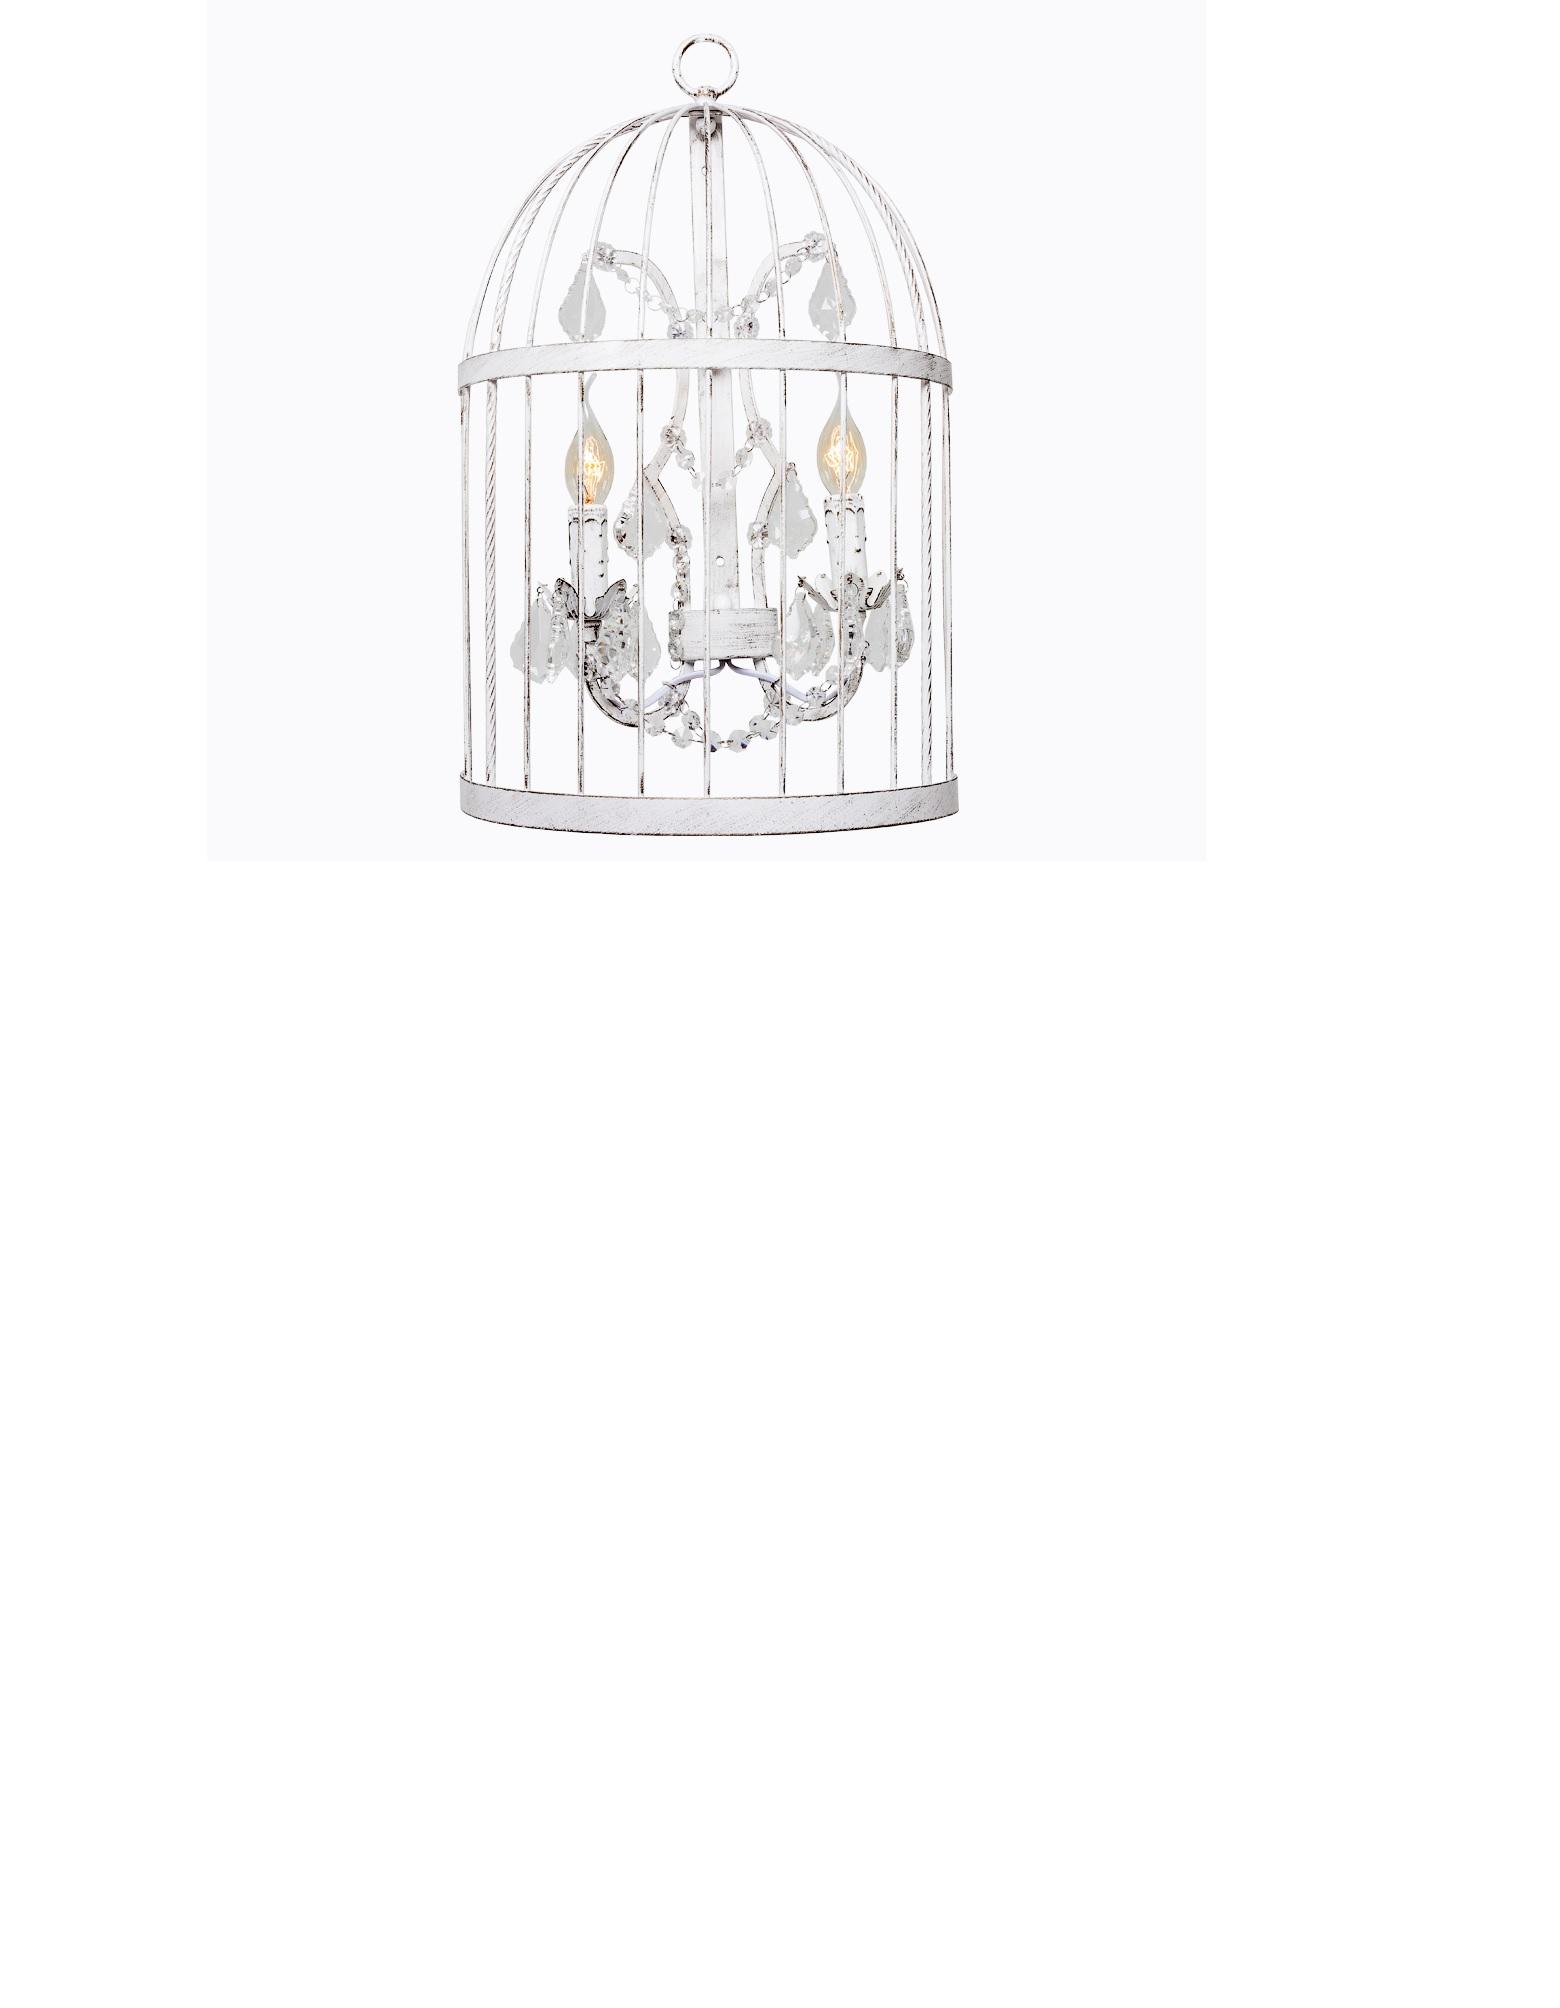 Настенный светильник «Тюильри» (белый антик)Бра<br>Белая настенная лампа «Тюильри» — выигрышный выбор для романтического дизайна спальной комнаты. Белая модель из металла, покрытого патиной, состоит из двух ламп. Хрустальные подвески гипнотизируют взгляд изысканностью и дорогим блеском. Впустите в Ваш дом игривую роскошь европейских замков! Настенный светильник классического стиля удобен в качестве прикроватного освещения.&amp;amp;nbsp;&amp;lt;div&amp;gt;Для крепления на стену приспособлены две удобные выемки на оборотной стороне.&amp;amp;nbsp;&amp;lt;/div&amp;gt;&amp;lt;div&amp;gt;Размер: 36?56?19 см. Размер в упаковке: 40?60?20 см.&amp;lt;/div&amp;gt;&amp;lt;div&amp;gt;Вес: 2,8 кг; вес в упаковке: 3,54 кг.&amp;amp;nbsp;&amp;lt;/div&amp;gt;&amp;lt;div&amp;gt;Продается без ламп. Требуется 2 лампы E14&amp;lt;/div&amp;gt;&amp;lt;div&amp;gt;&amp;lt;br&amp;gt;&amp;lt;/div&amp;gt;&amp;lt;div&amp;gt;&amp;lt;br&amp;gt;&amp;lt;/div&amp;gt;&amp;lt;iframe width=&amp;quot;560&amp;quot; height=&amp;quot;315&amp;quot; src=&amp;quot;https://www.youtube.com/embed/e6FzIfN-8CY&amp;quot; frameborder=&amp;quot;0&amp;quot; allowfullscreen=&amp;quot;&amp;quot;&amp;gt;&amp;lt;/iframe&amp;gt;<br><br>Material: Металл<br>Width см: 36<br>Depth см: 19<br>Height см: 56